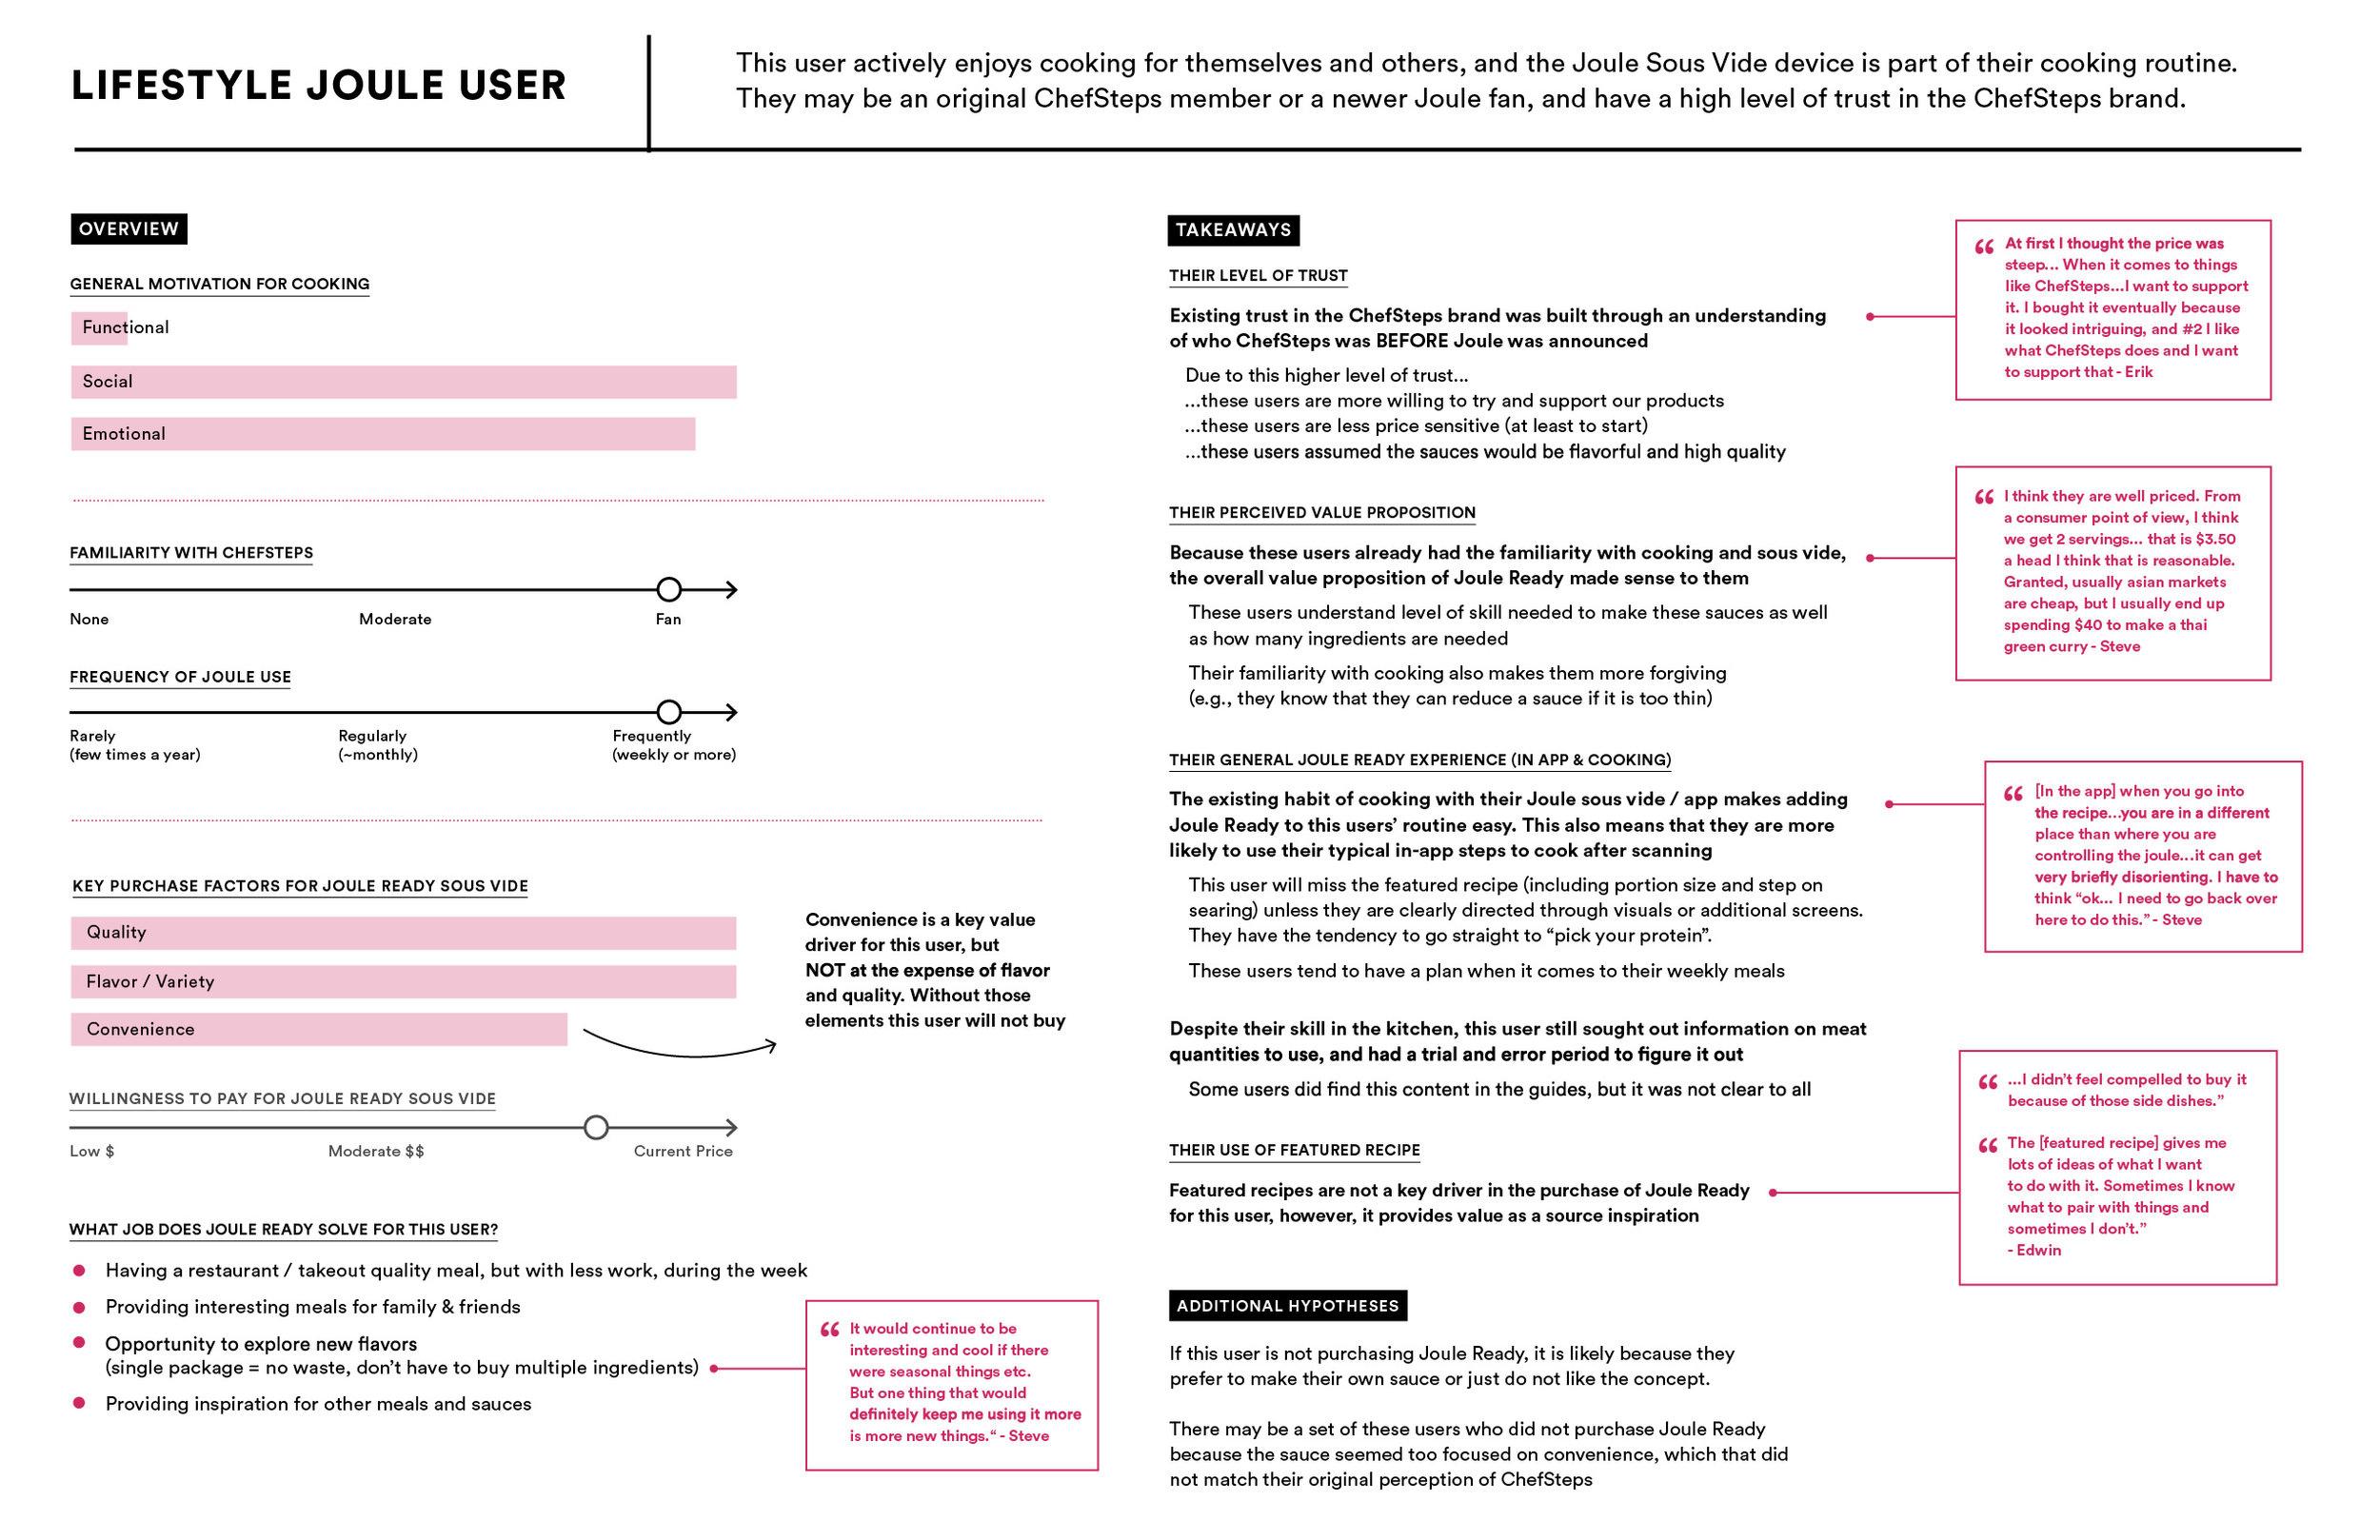 190328_Research_Customer Framework2_02.jpg